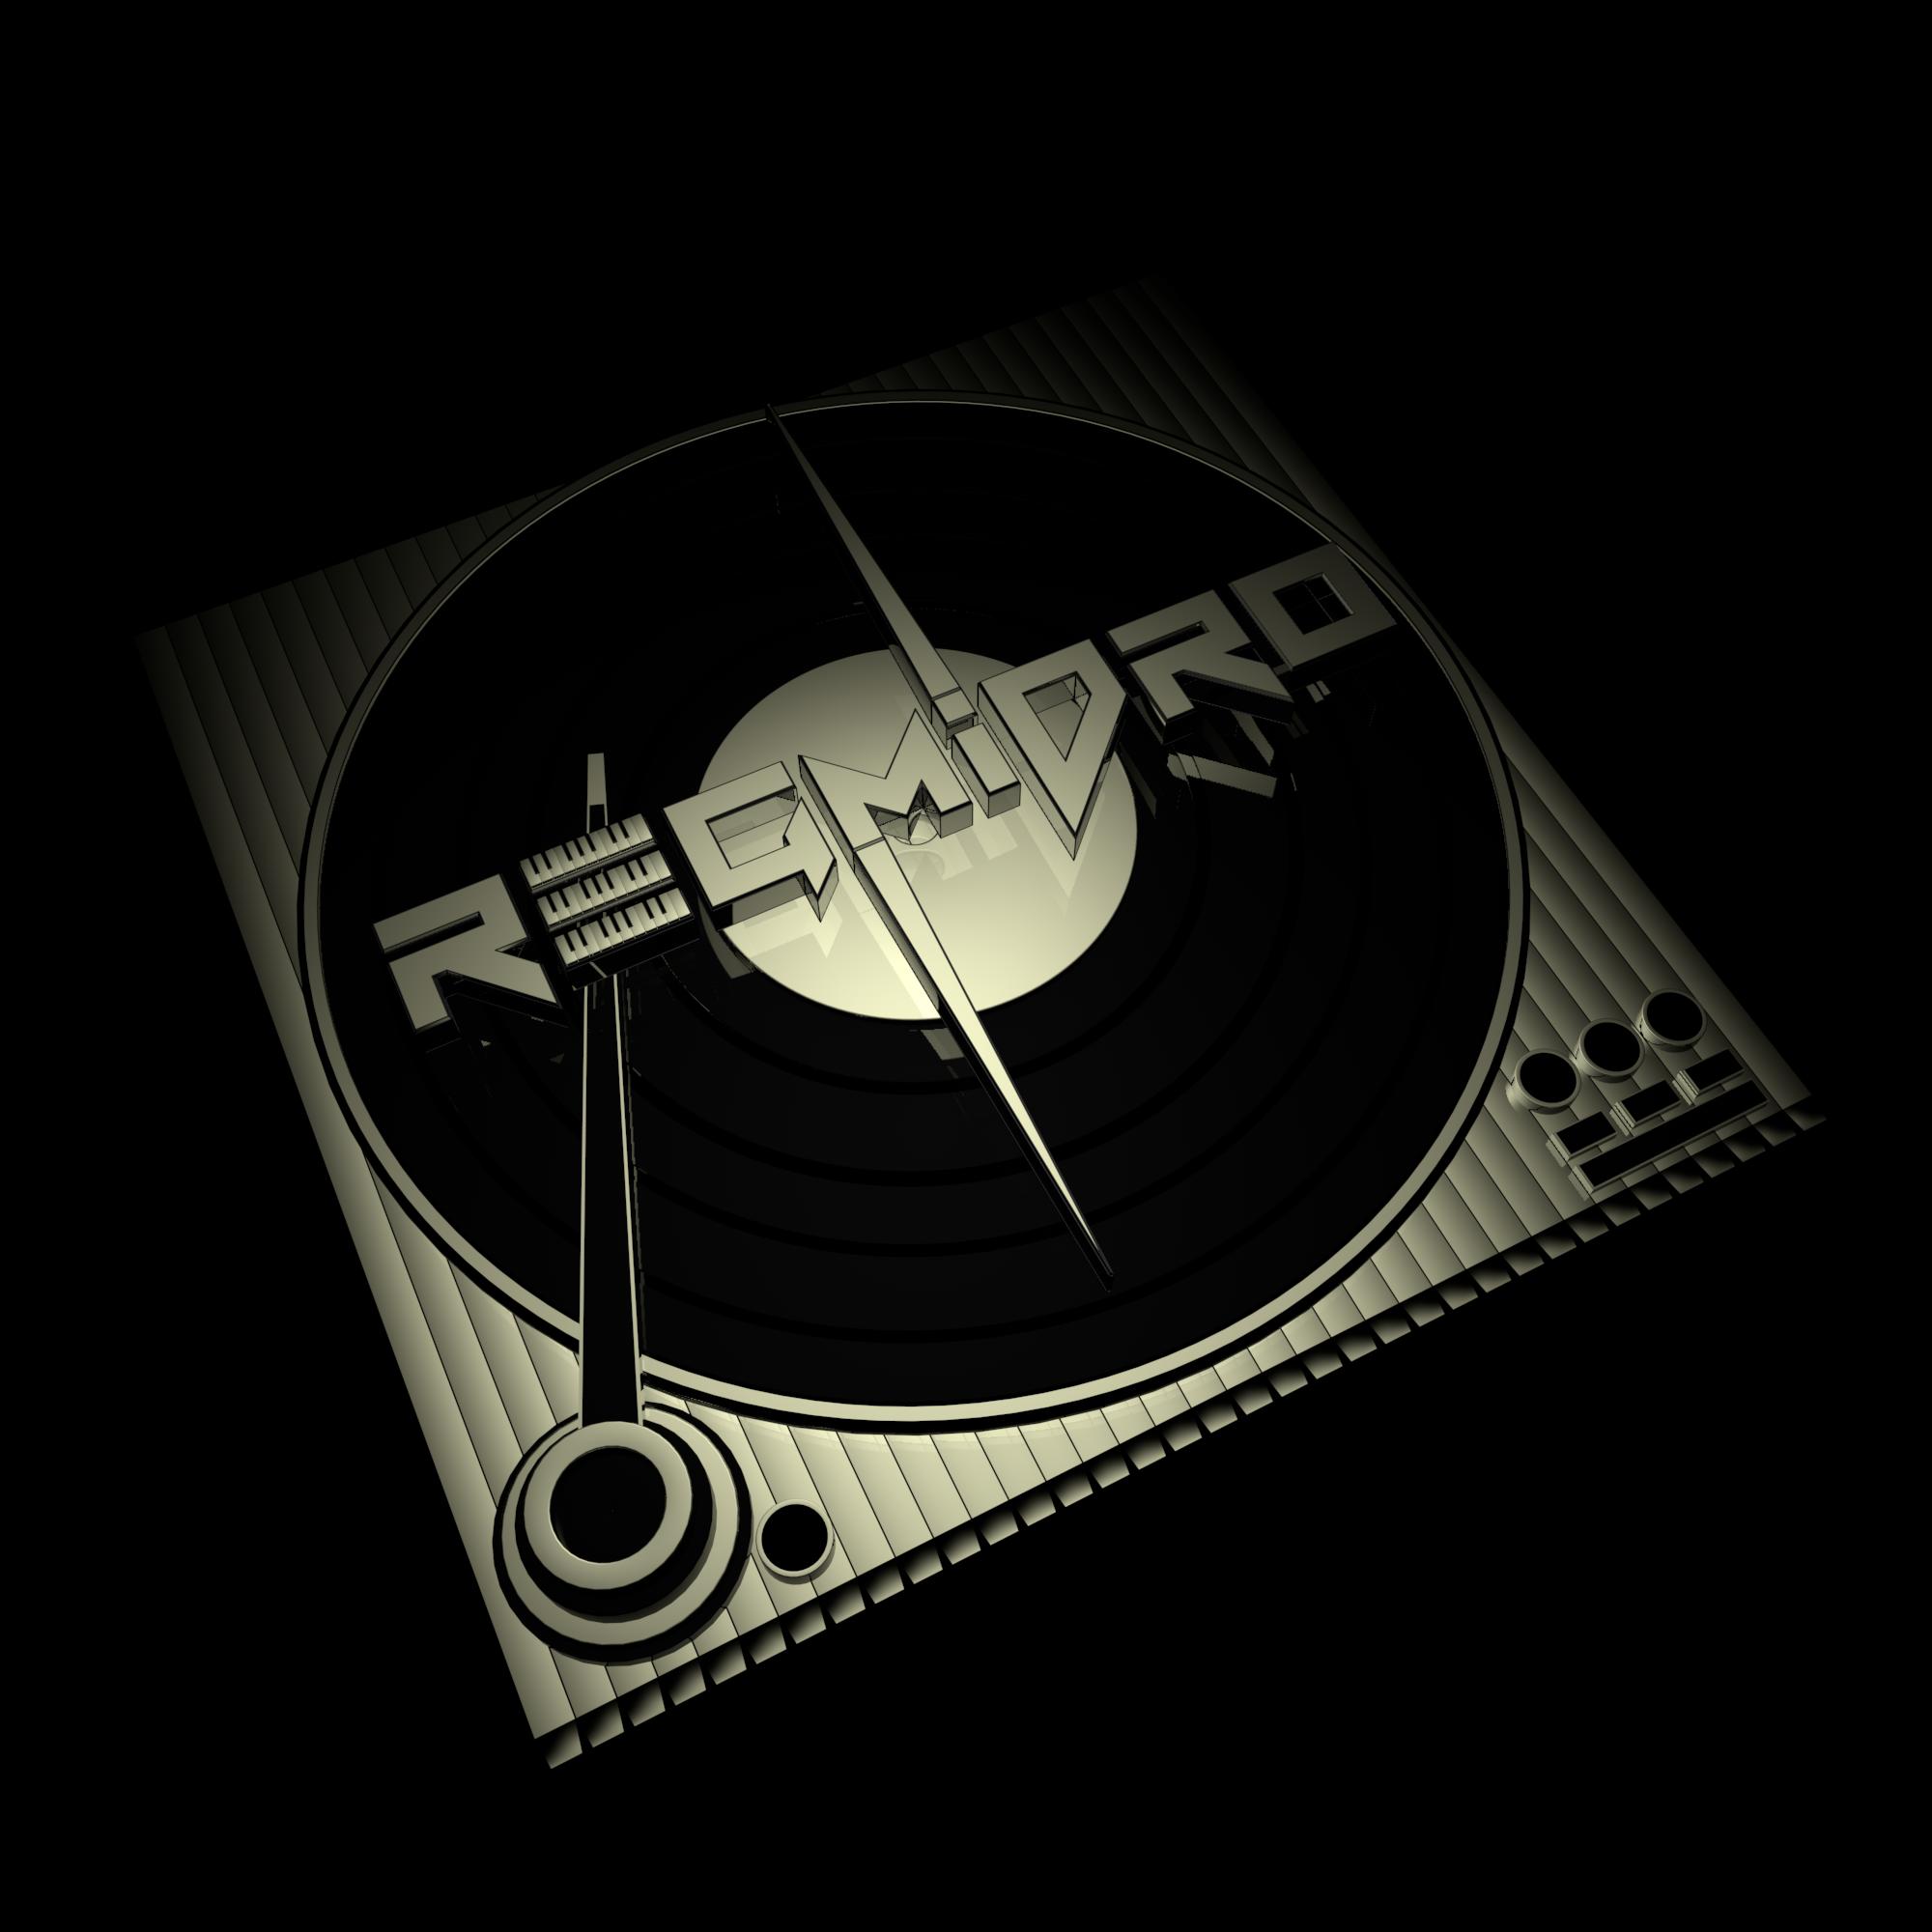 Vinyl Record Album Cover